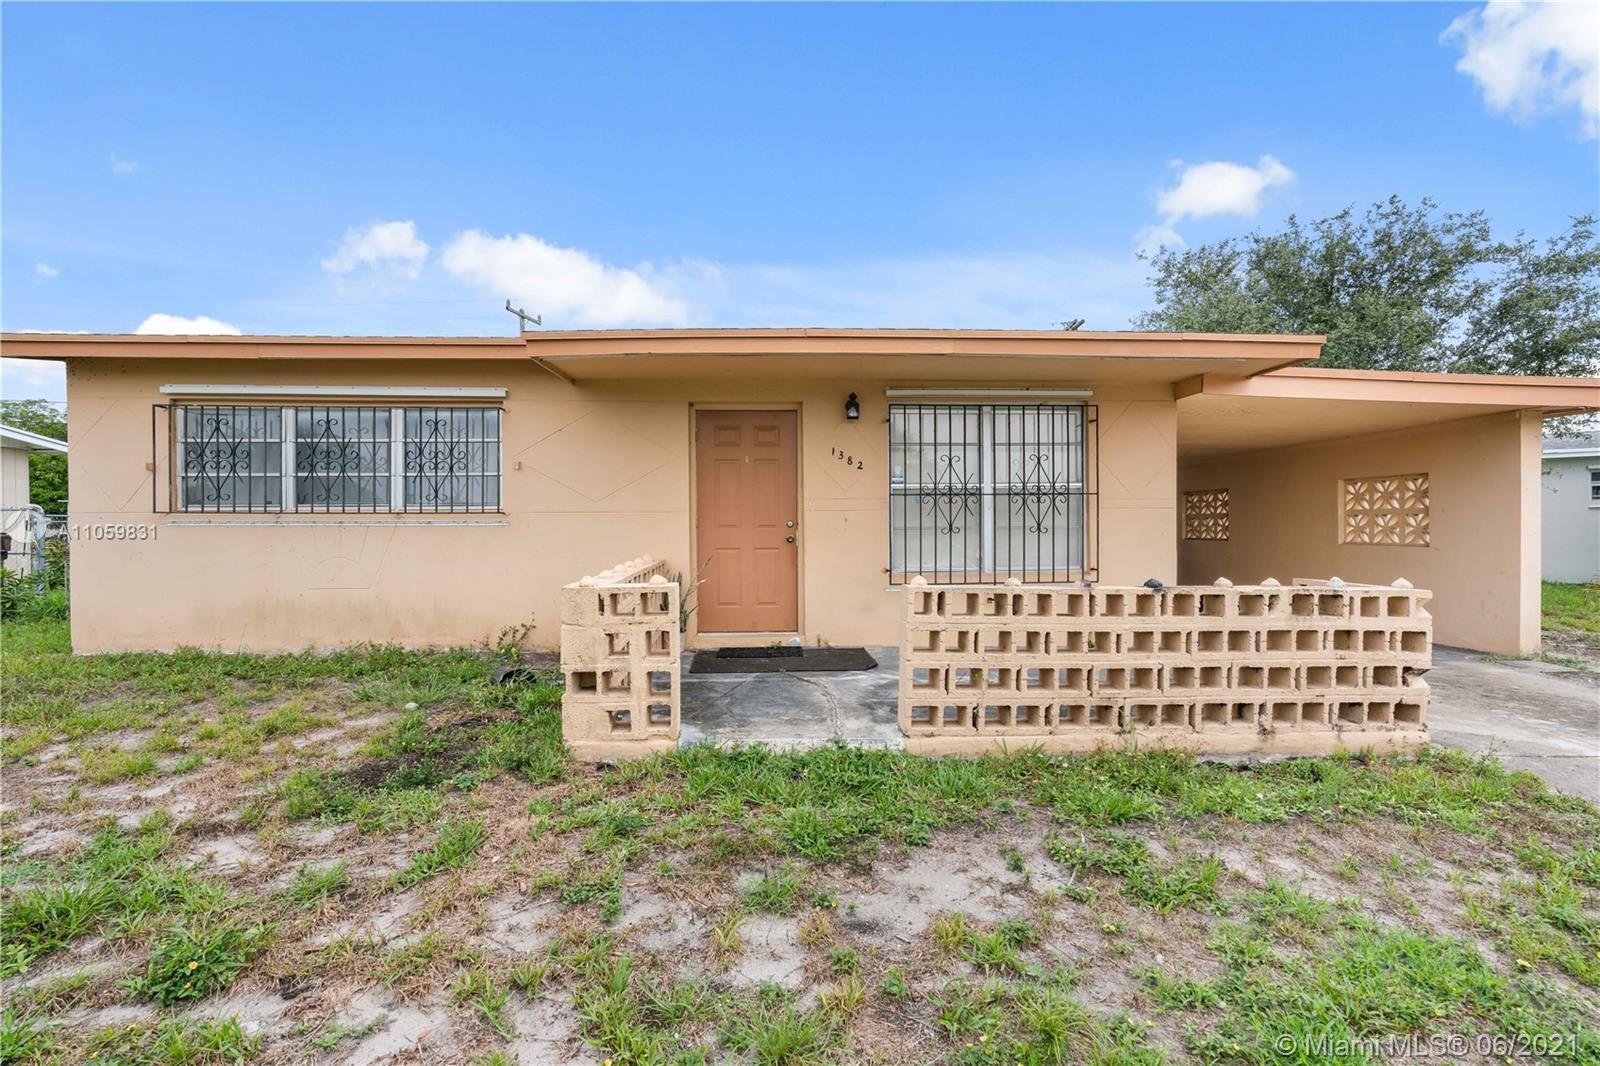 1382 9TH, West Palm Beach, FL 33401 - #: A11059831